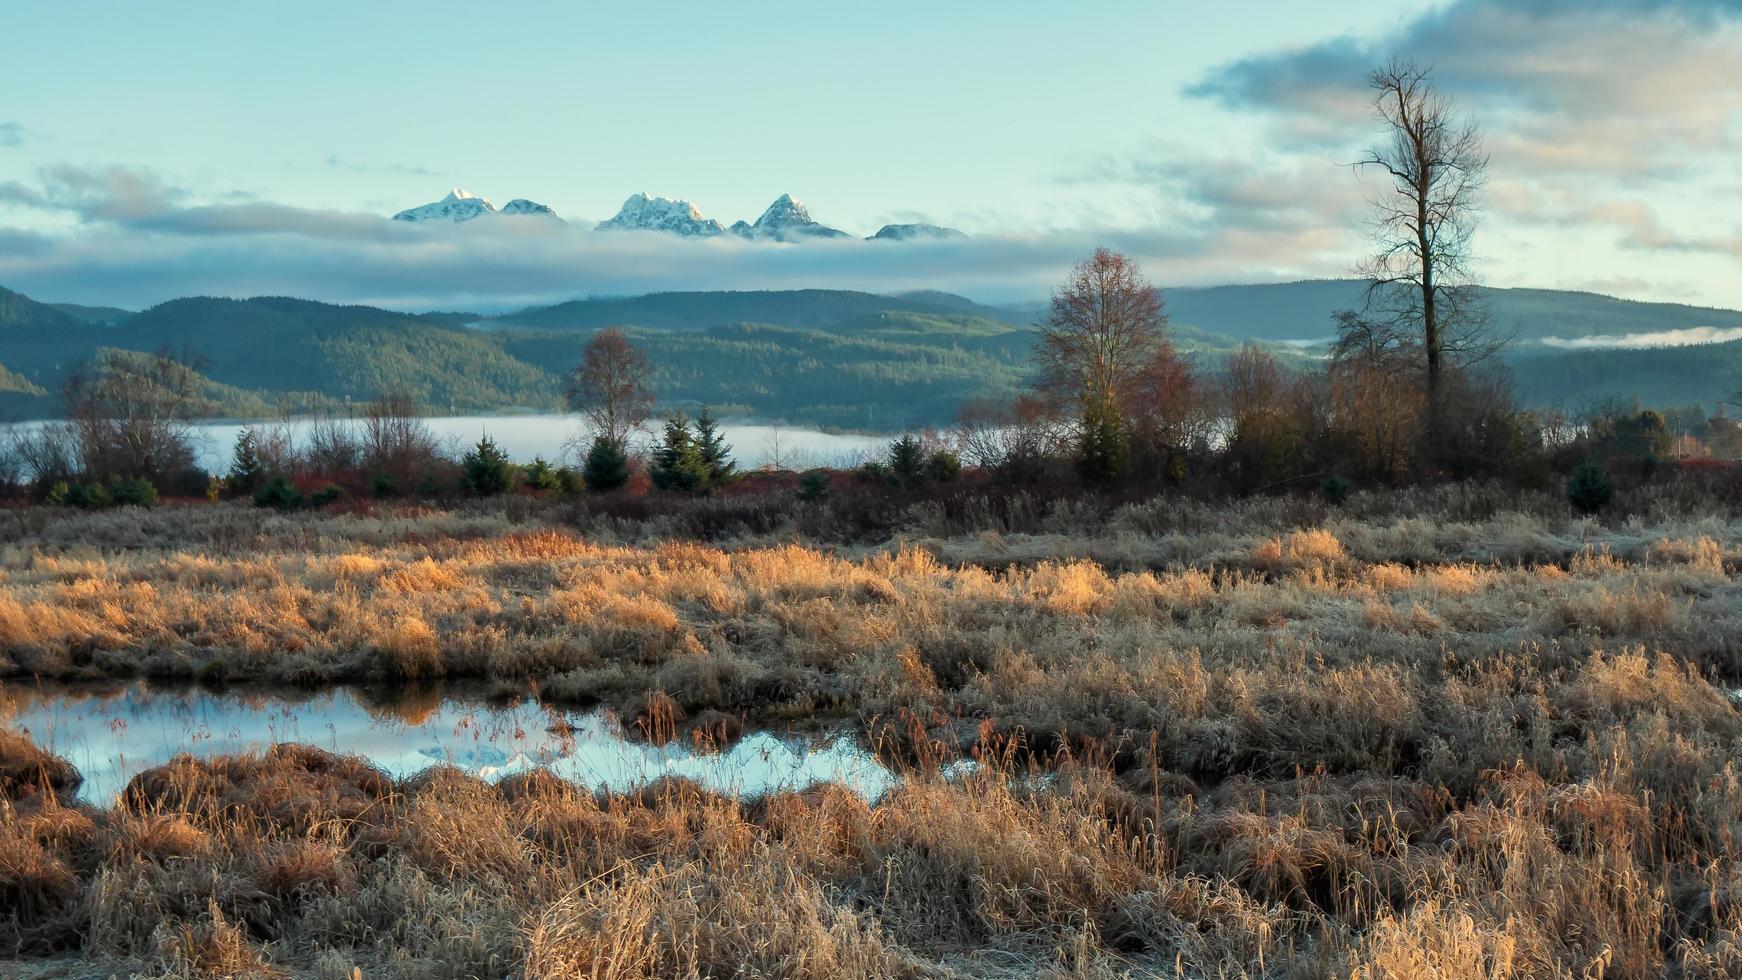 braune Wiese nahe See und Berg unter blauem Himmel foto